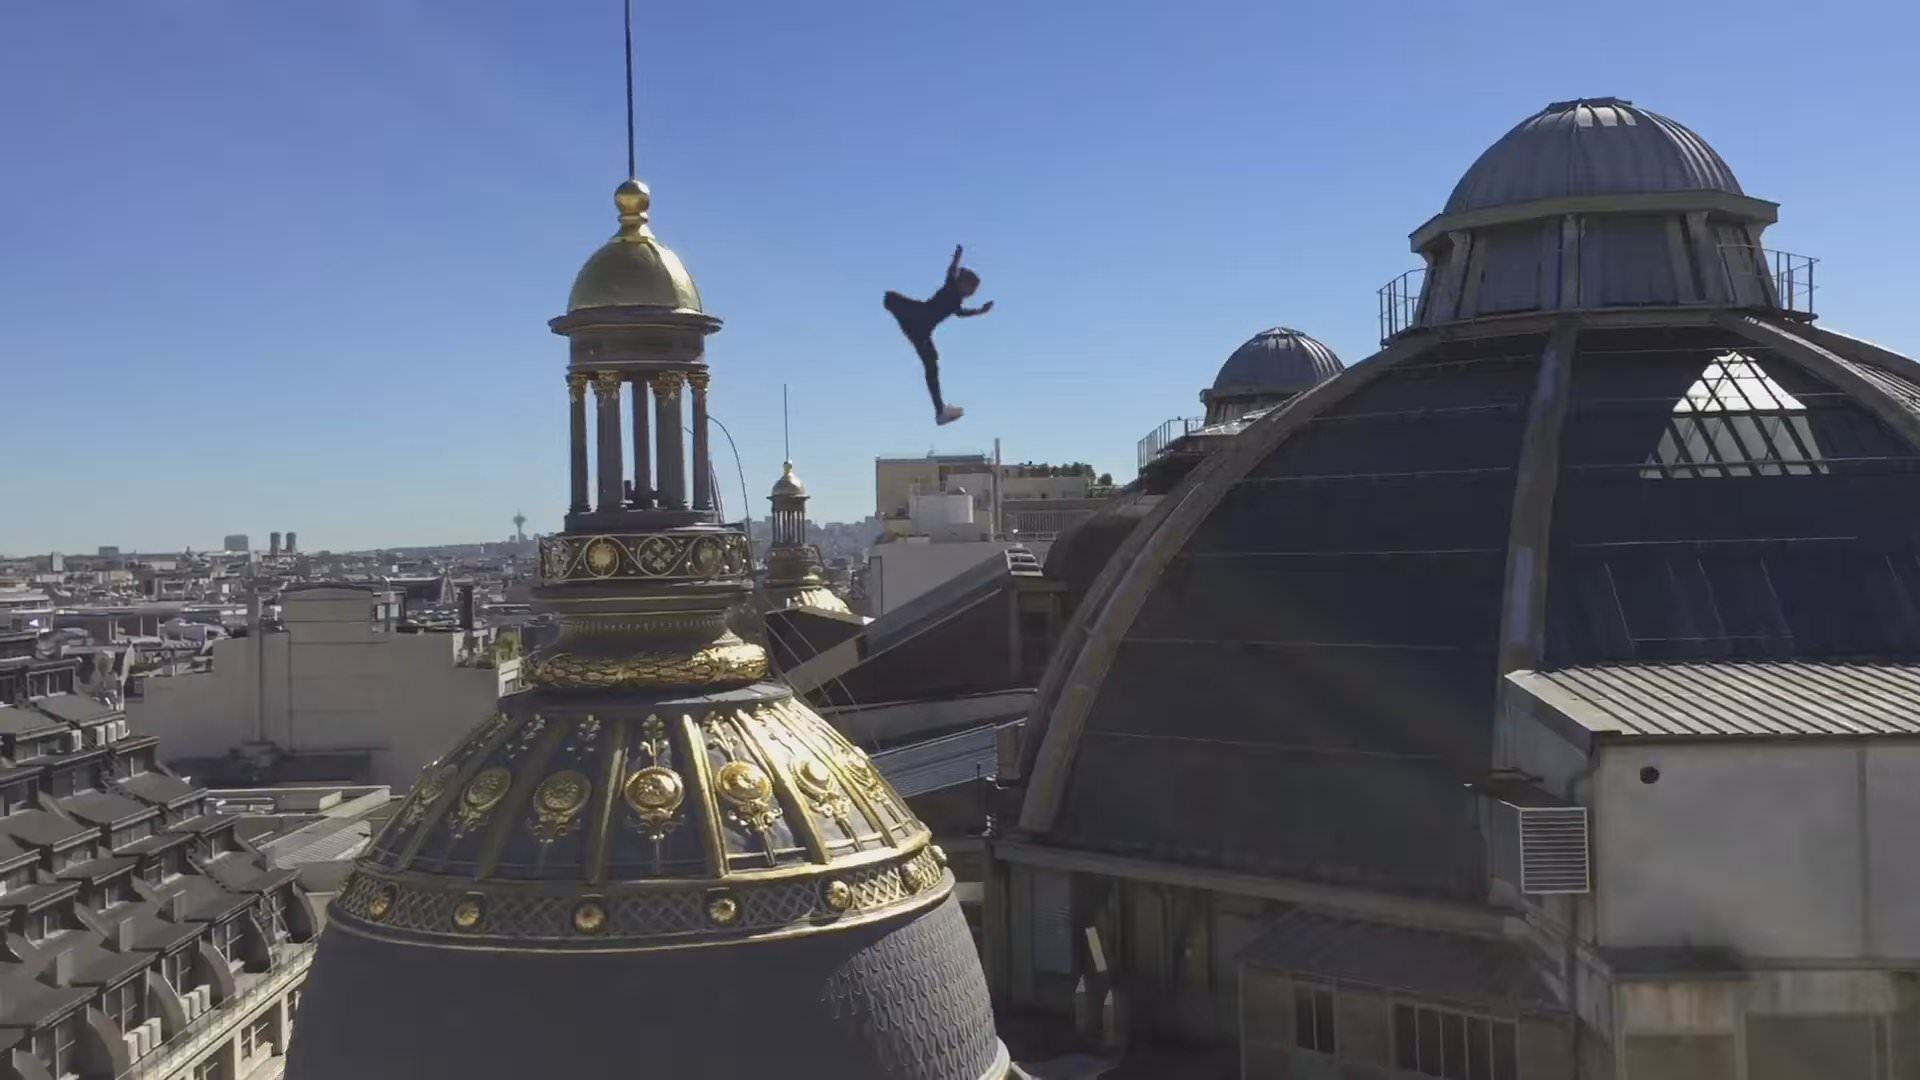 パリジェンヌによるパルクール!?パリの屋根を優雅に渡る!